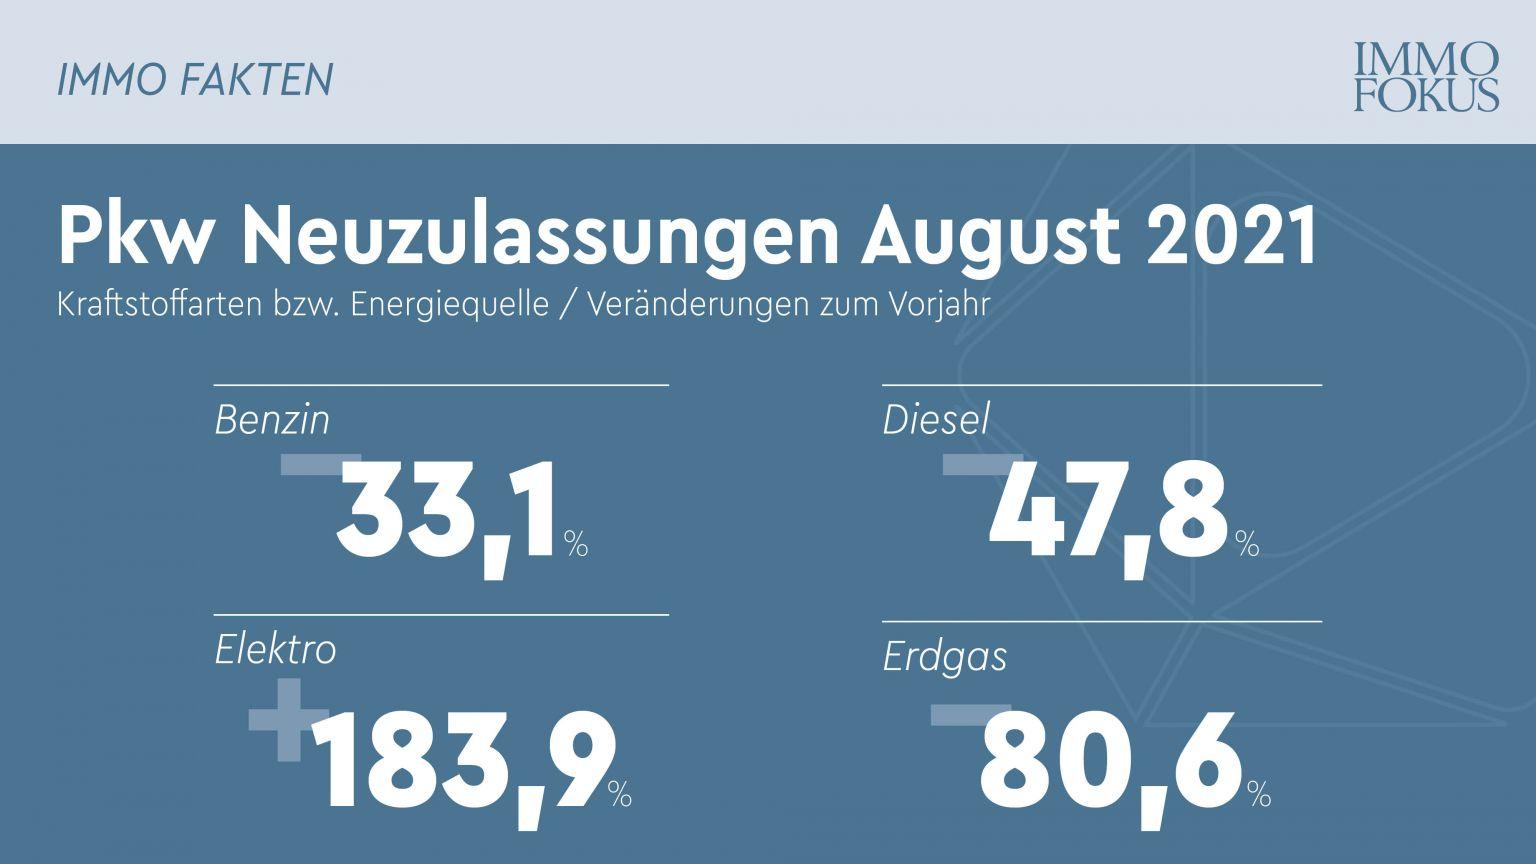 Pkw-Neuzulassungen: Anteil der alternativ angetriebenen Pkw erstmals vor Benzin und Diesel